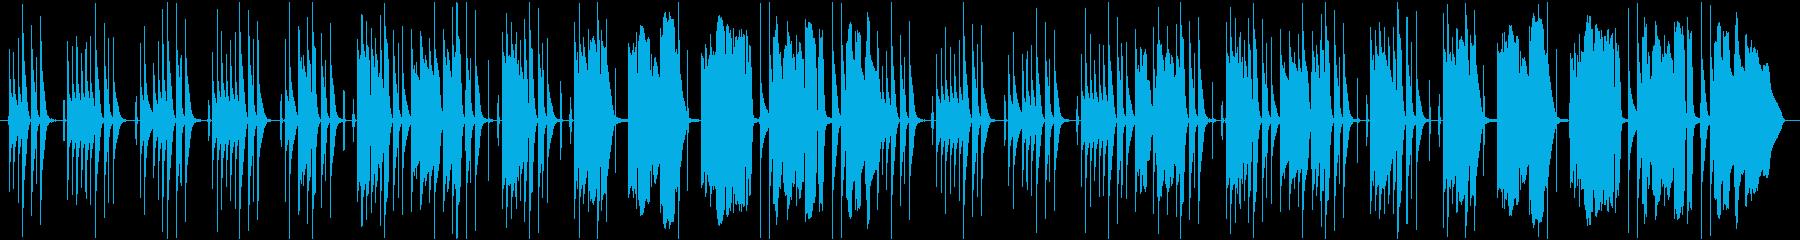 平和で日常的な会話で流れている曲の再生済みの波形